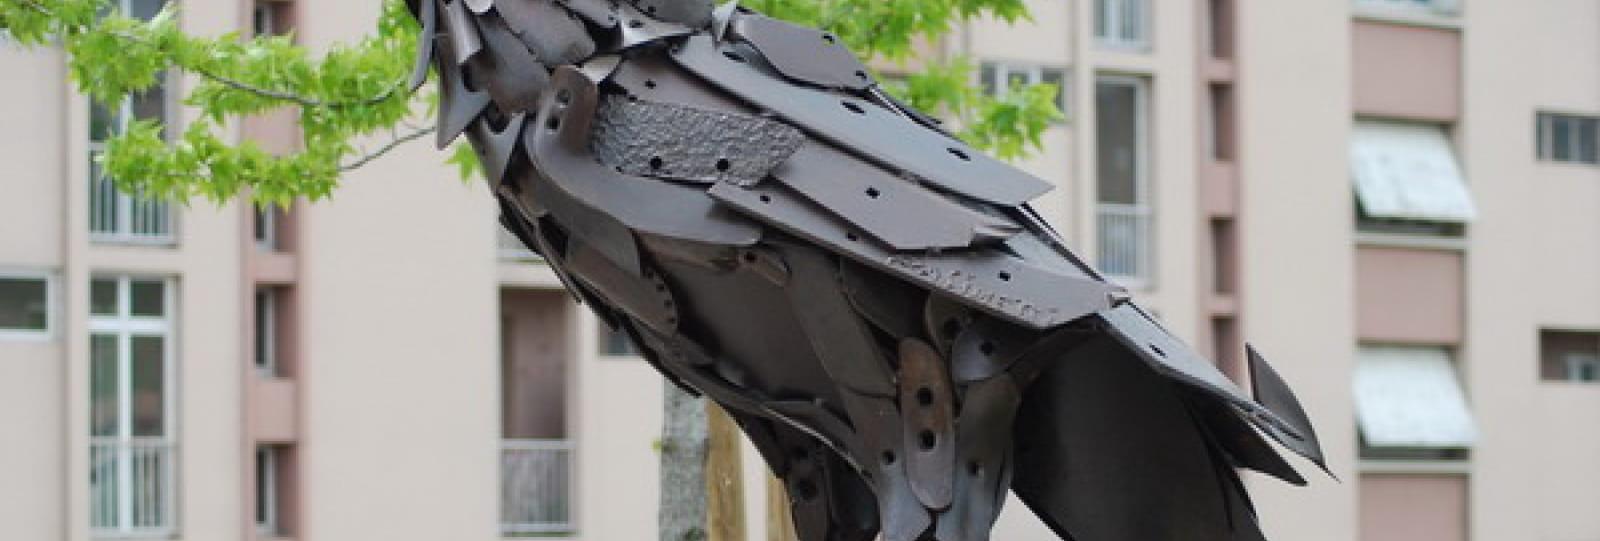 L'aigle du Rond POint Charles de Gaulle à Tournon